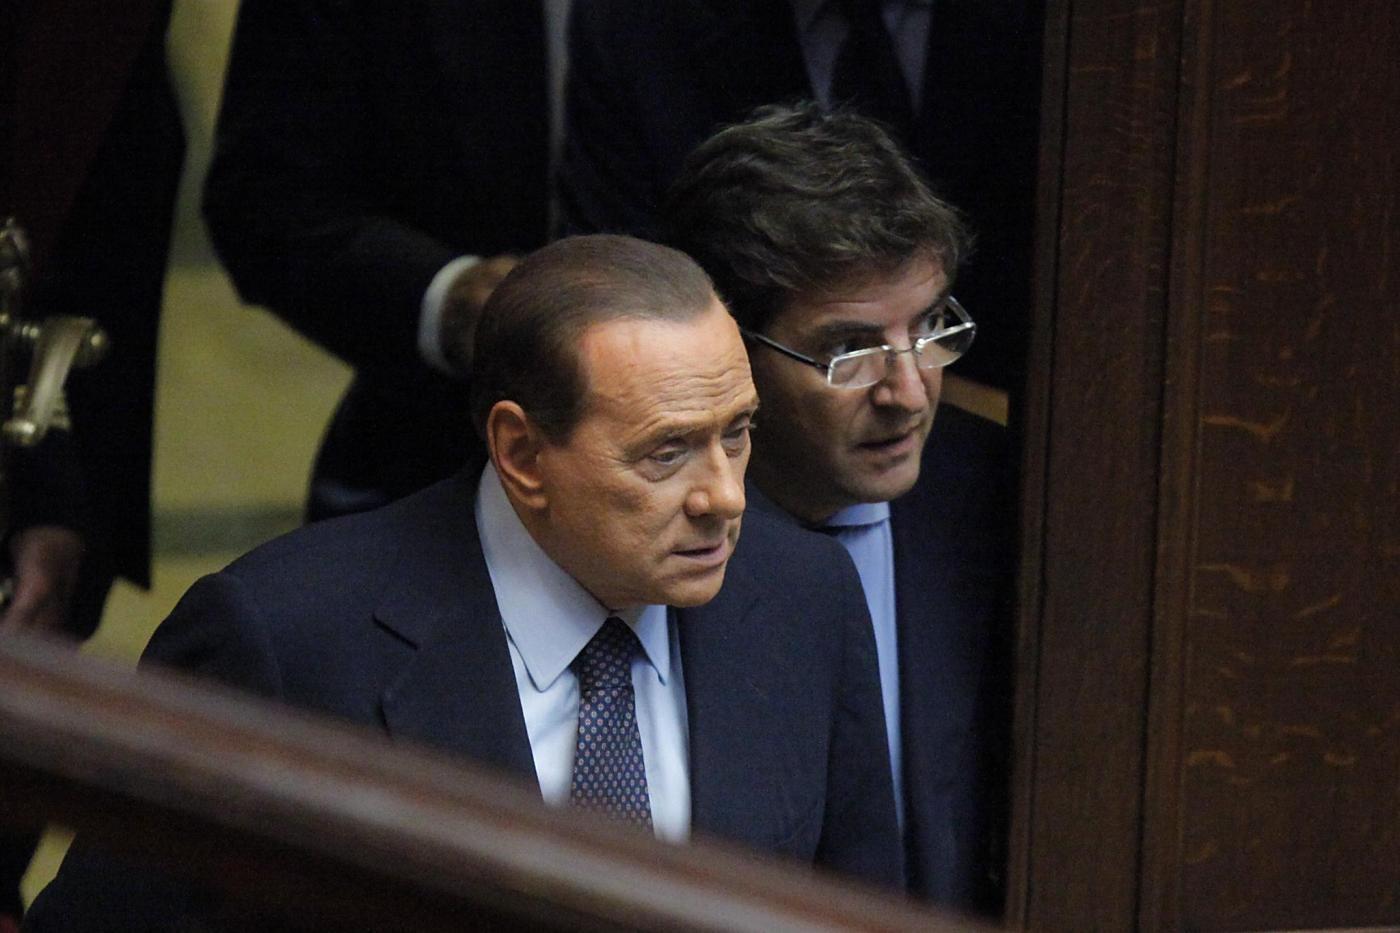 Caserta sceglie Berlusconi e archivia Cosentino: è boom di voti